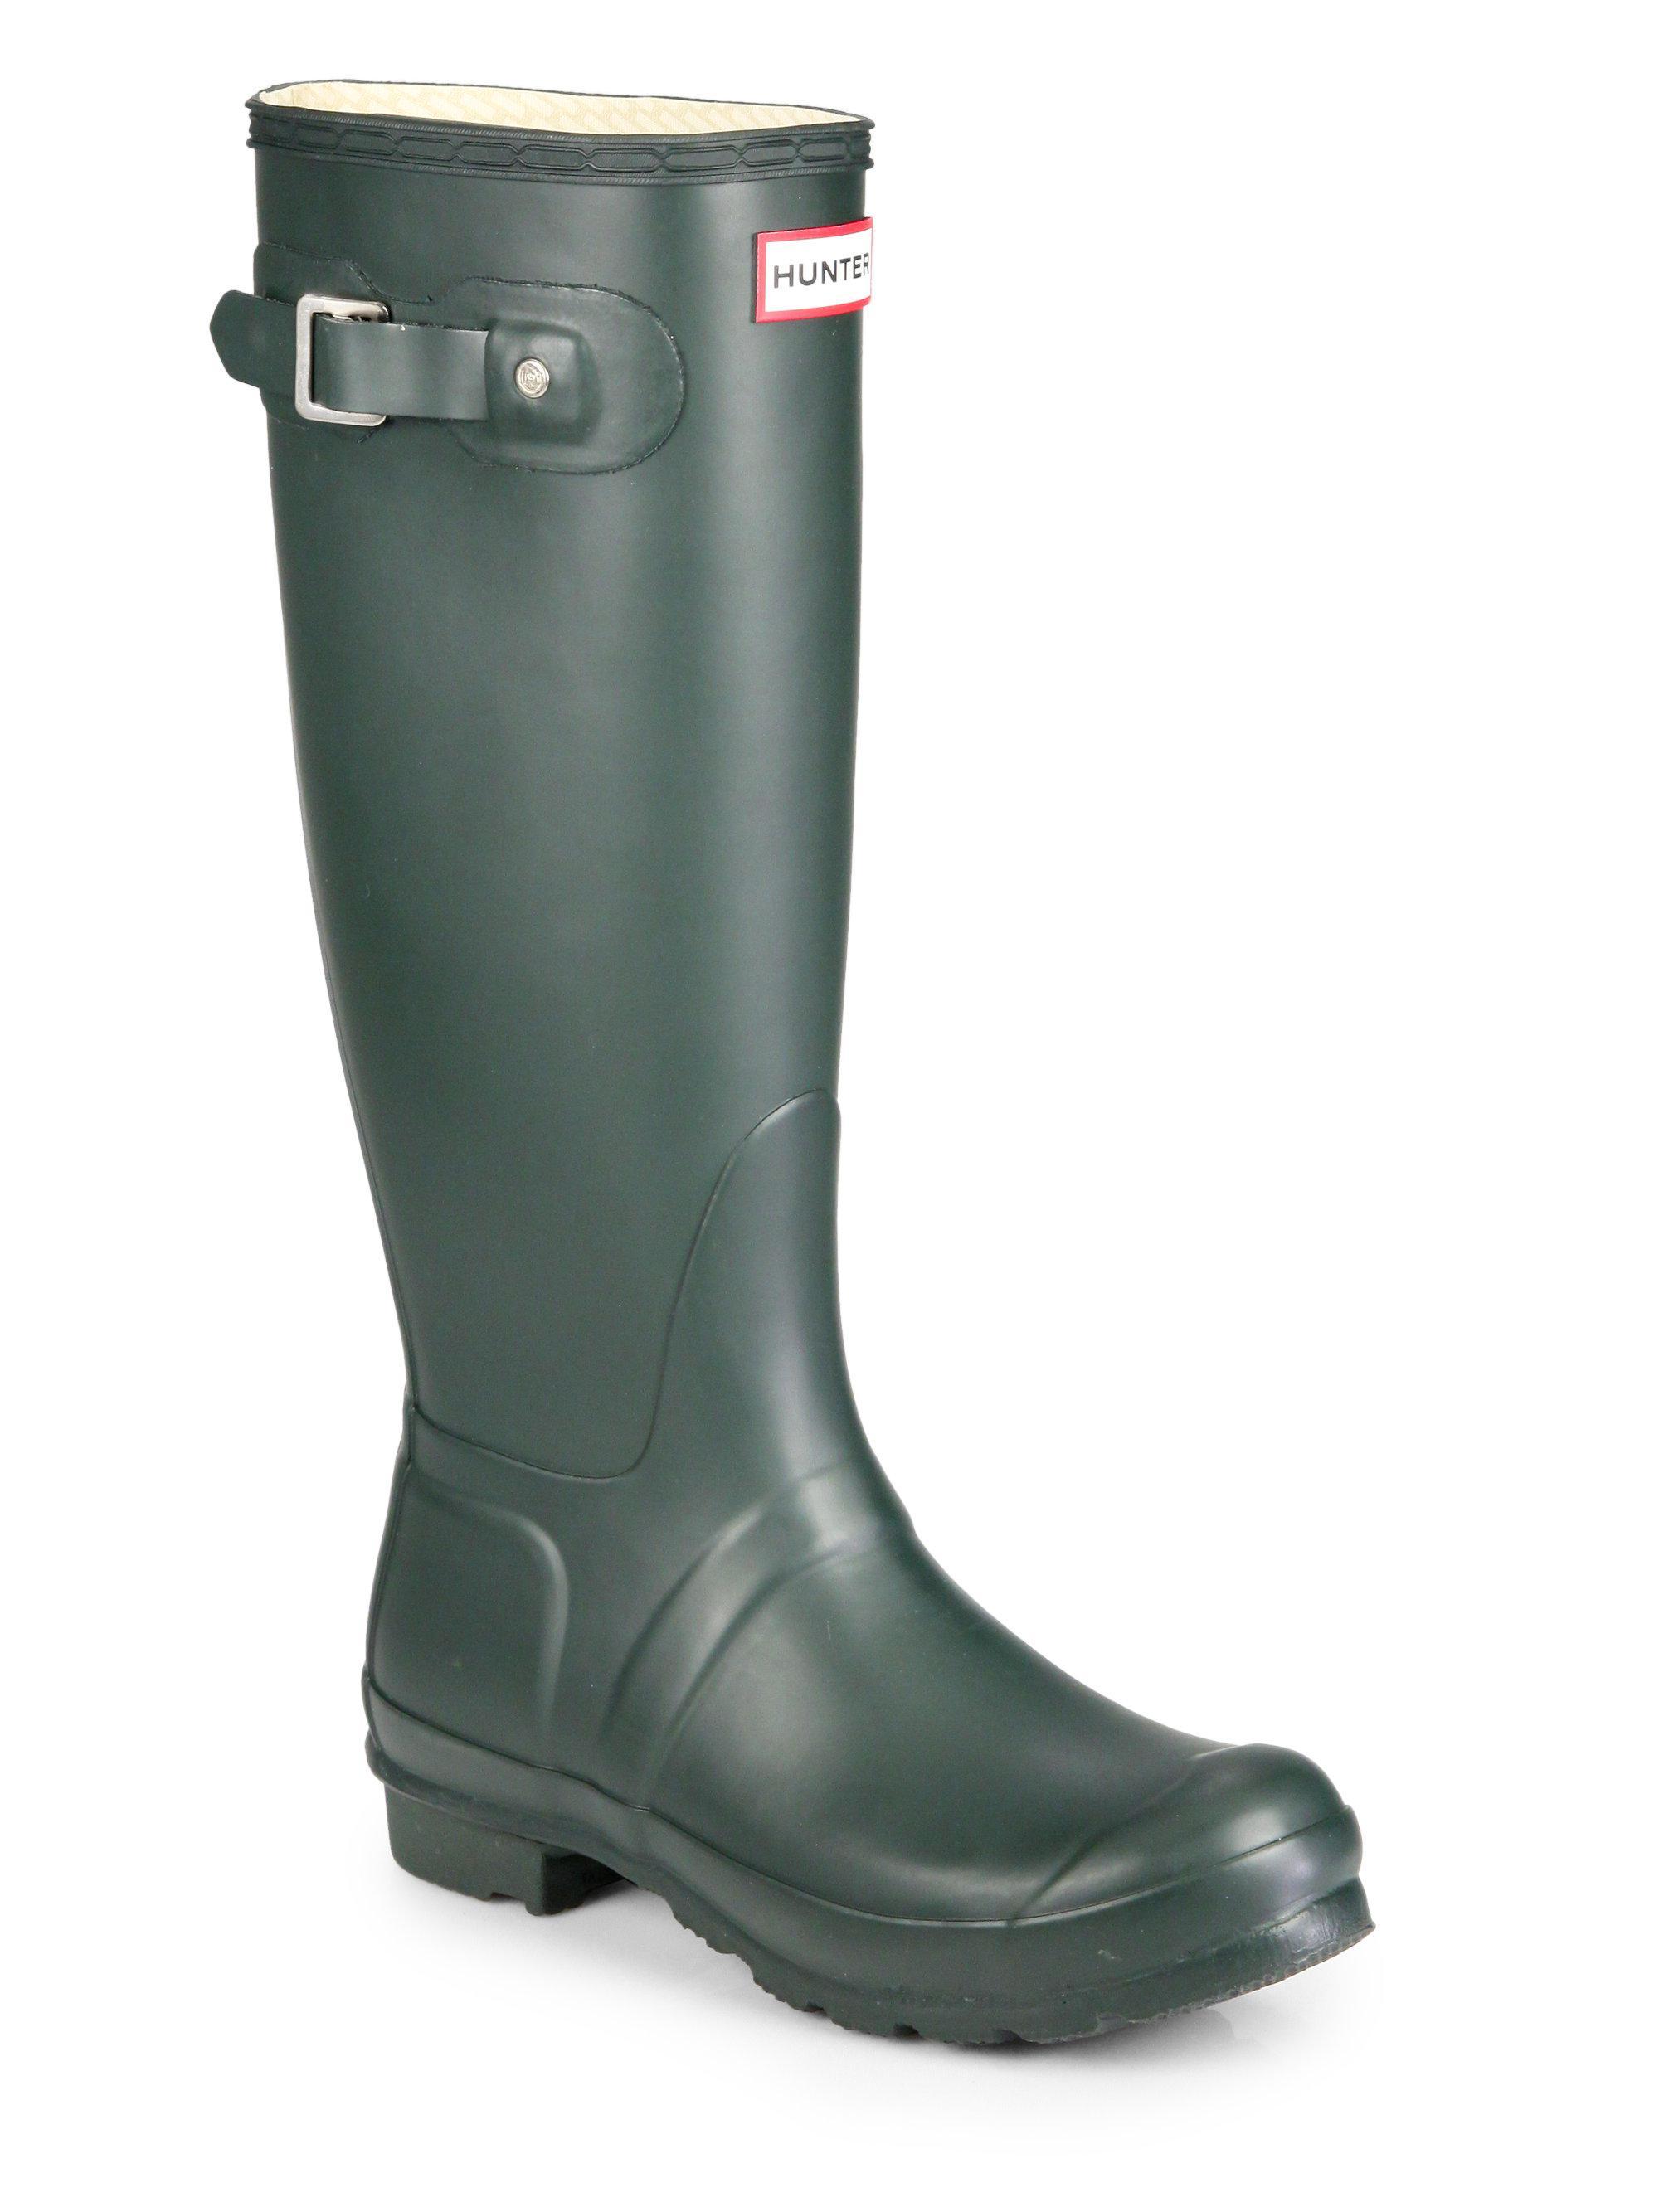 794afabb7c6 Women's Green Original Tall Matte Rain Boots